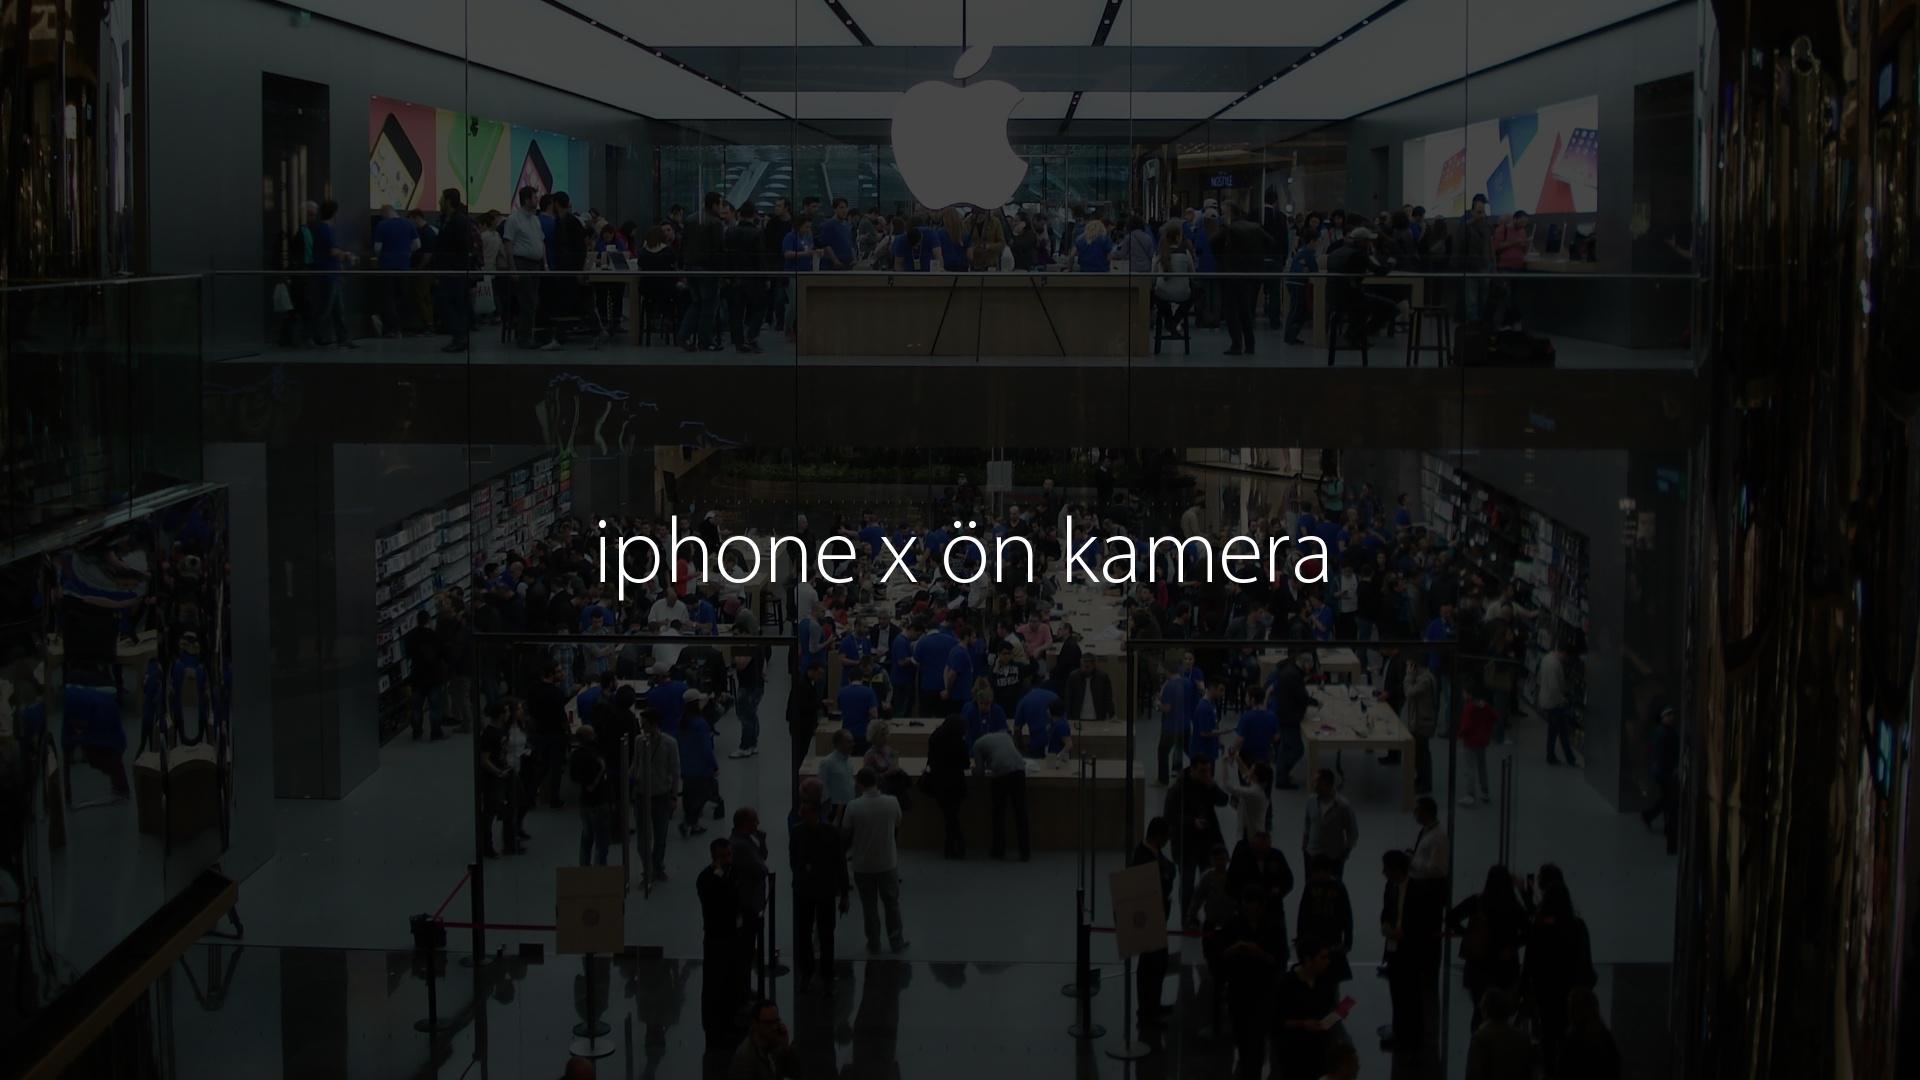 iphone x ön kamera